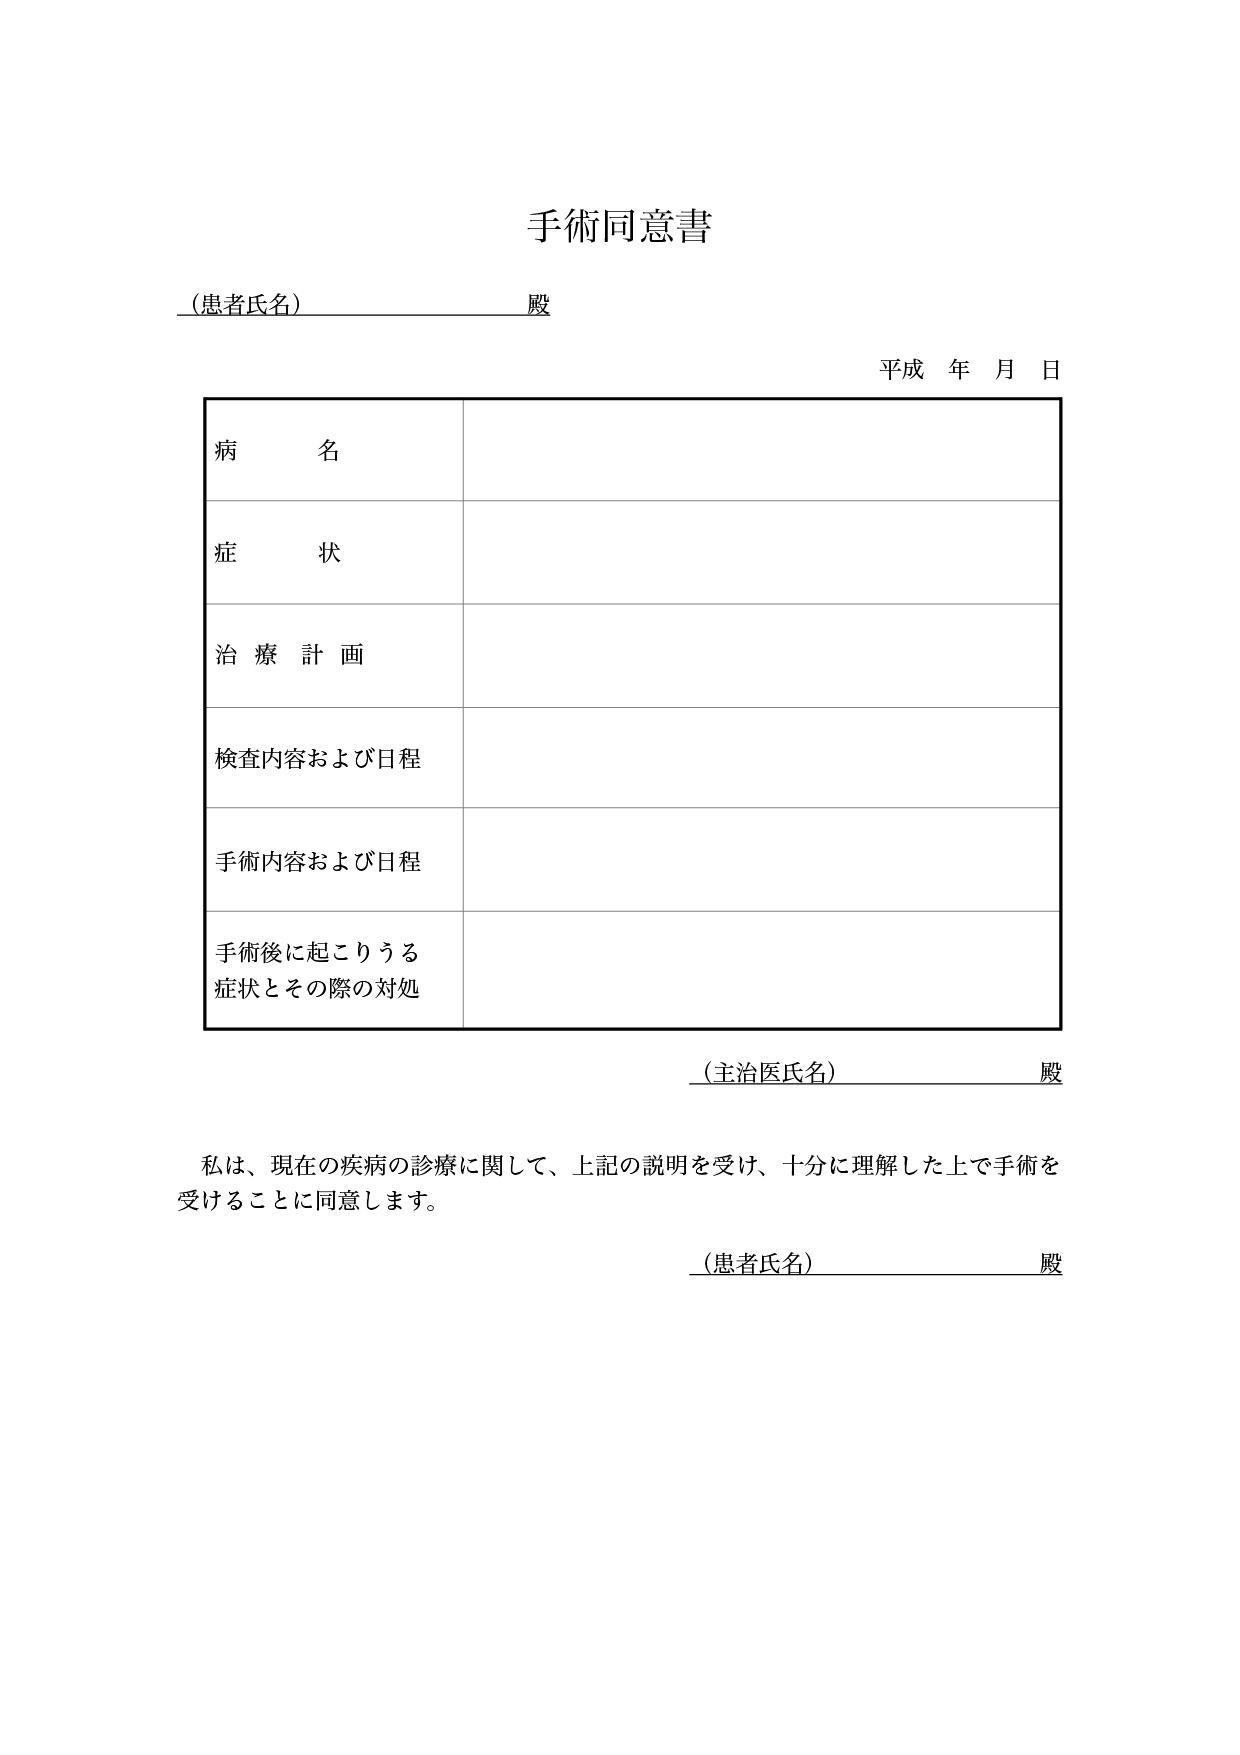 手術同意書の書式テンプレート(ワード・ページズ)